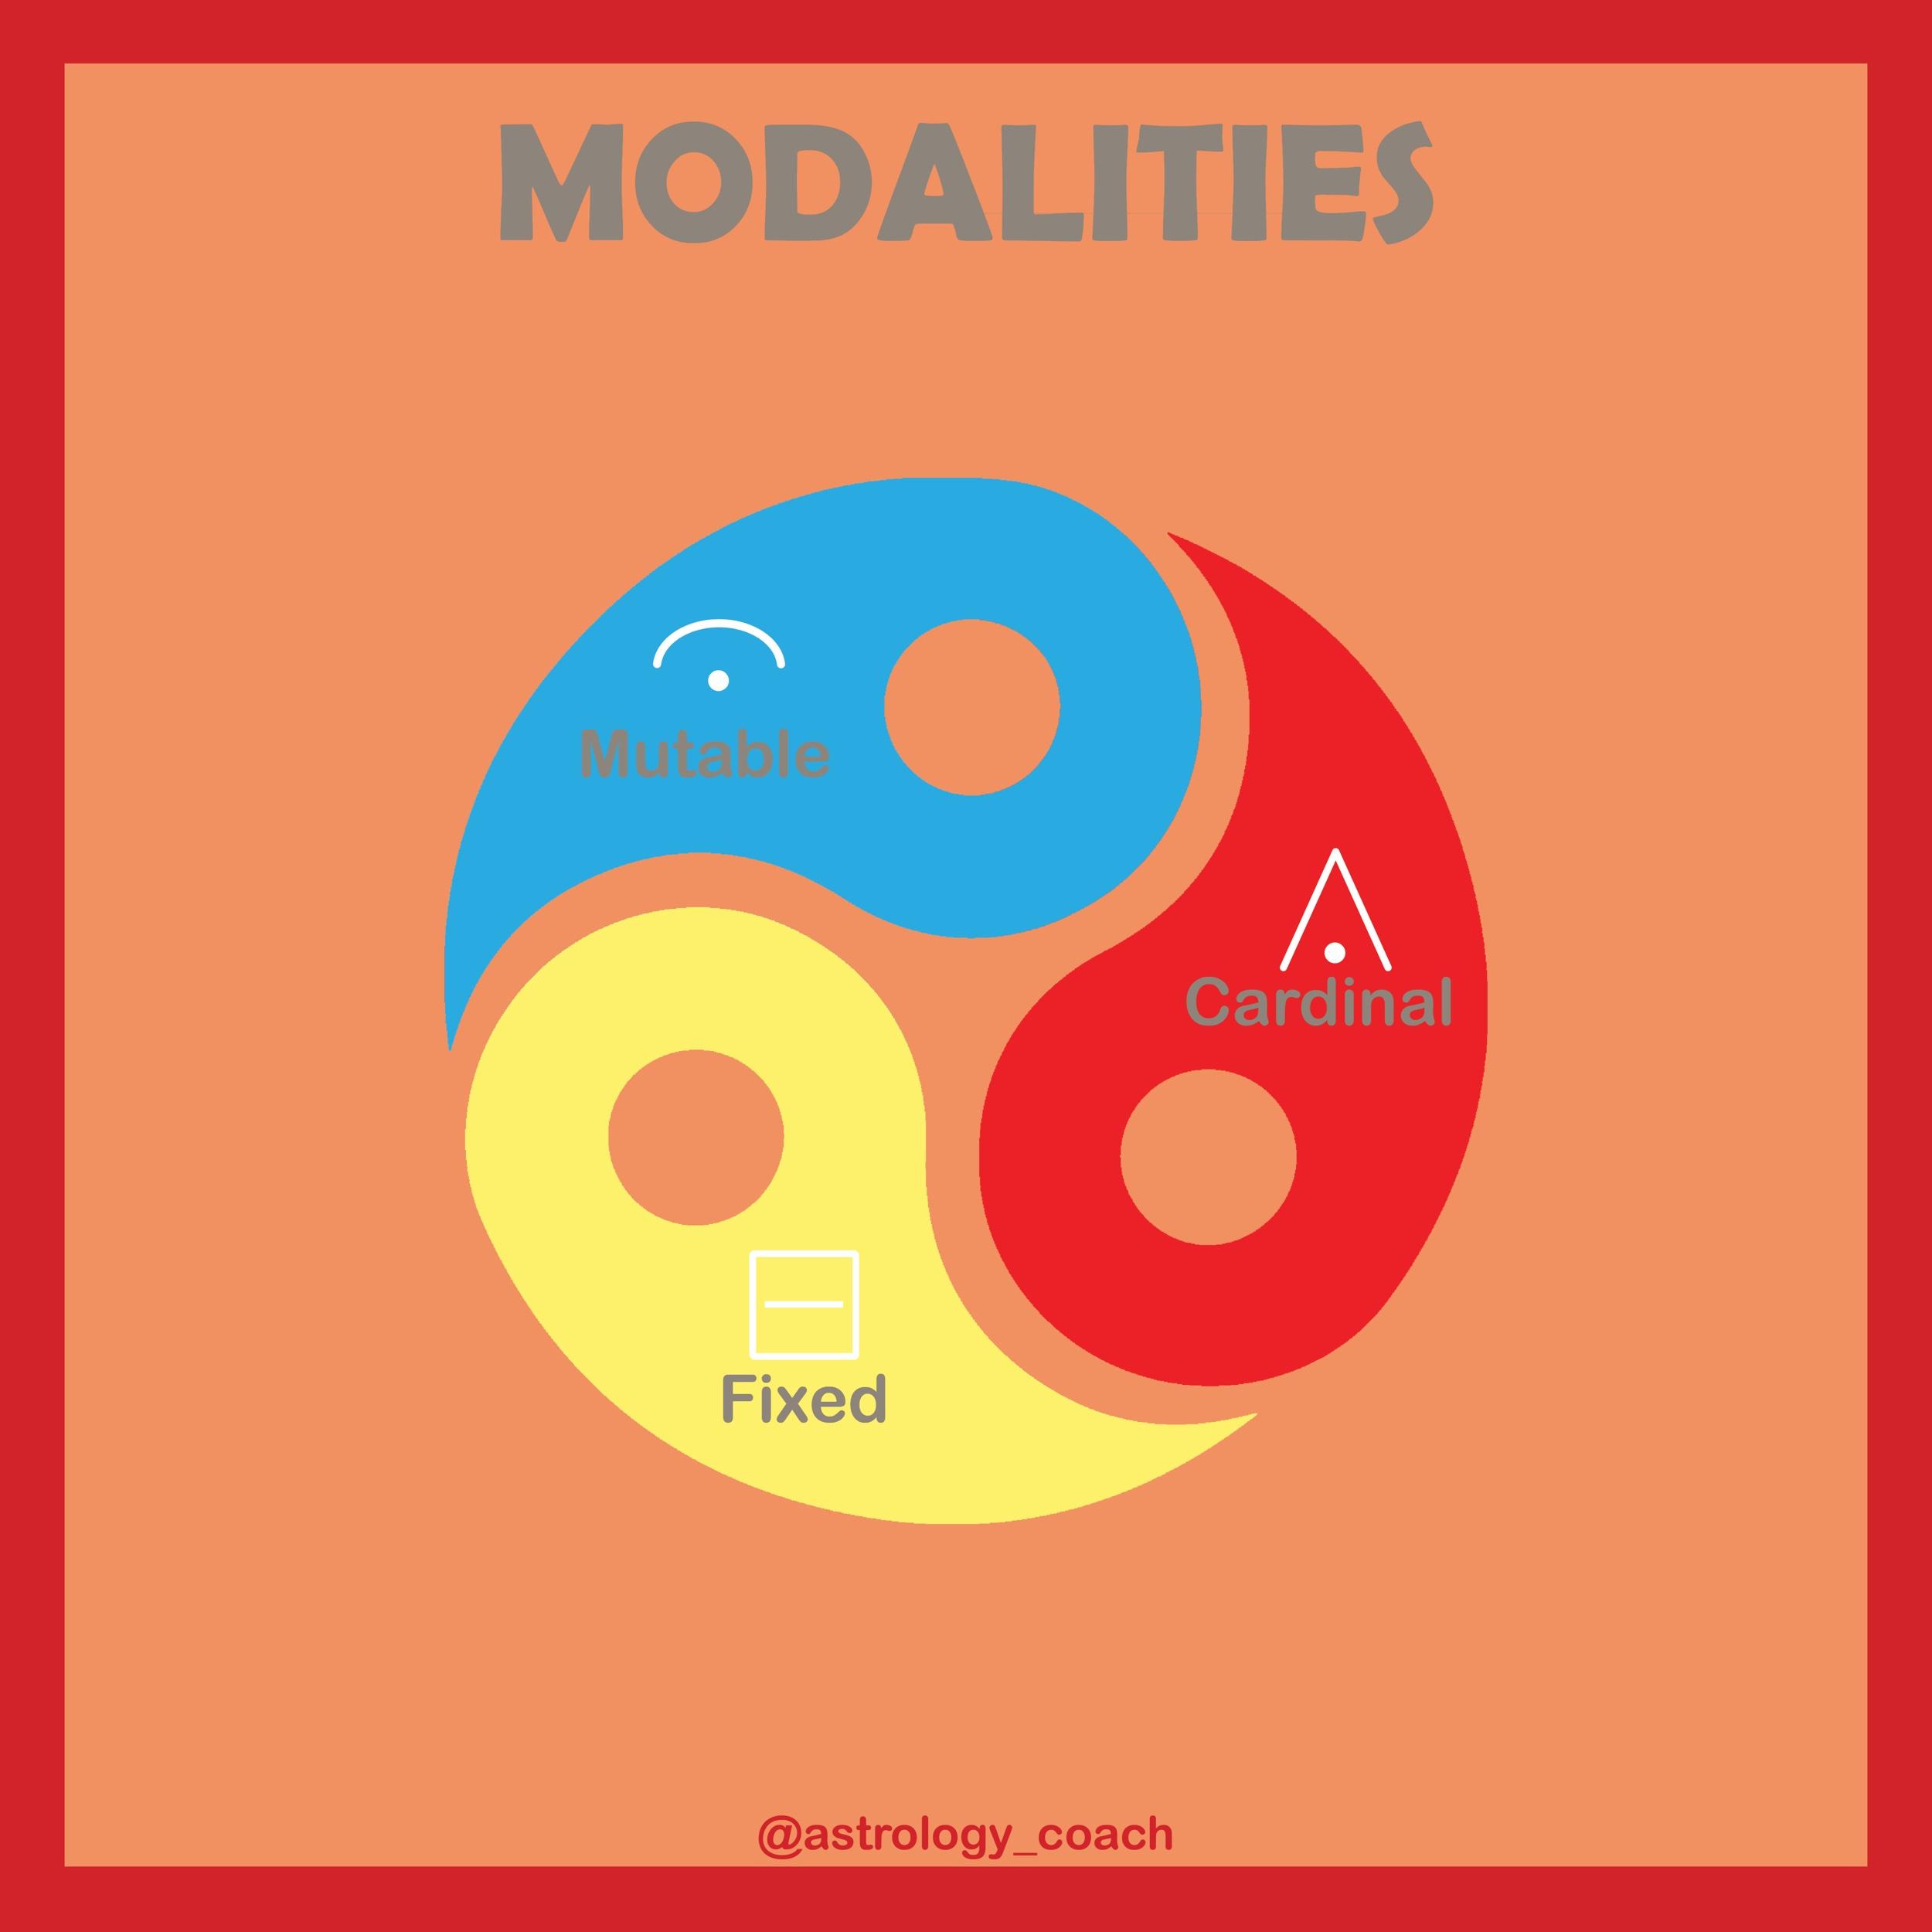 modalities2.jpeg